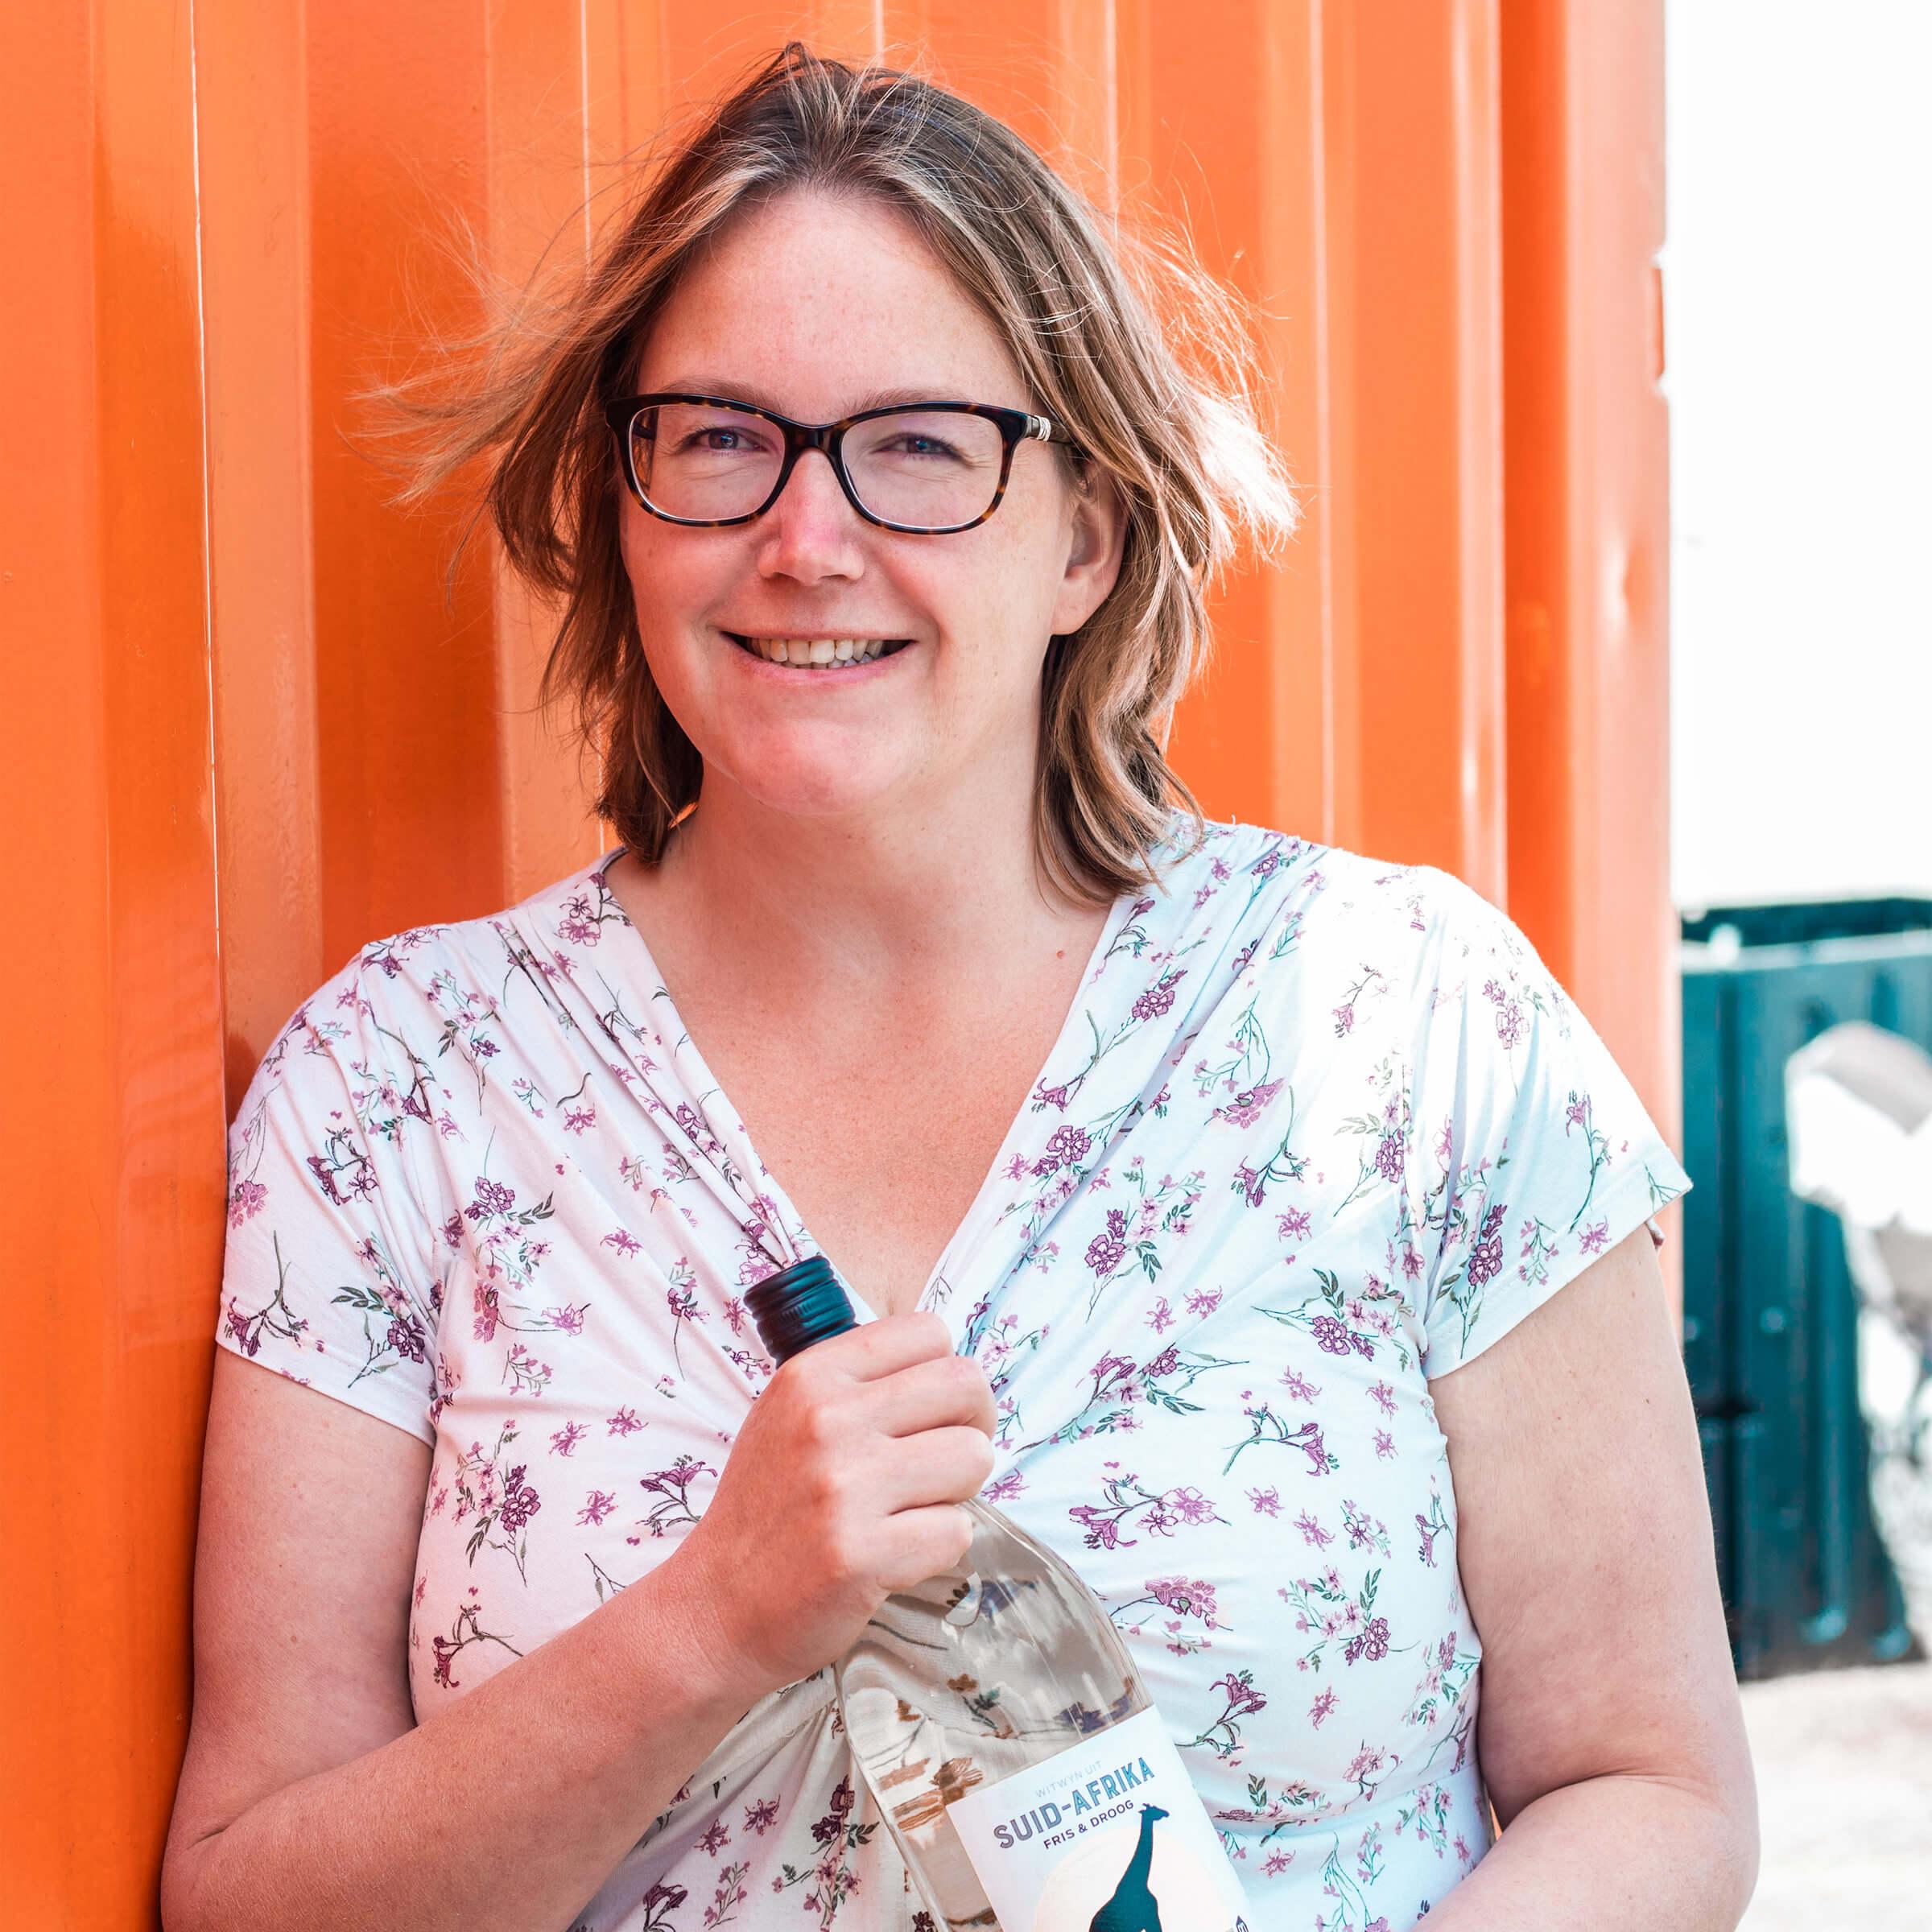 Q&A met Martine Brouns: 'Buiten werktijd drink ik graag wijn. Of lees ik, reis ik, geniet ik van concerten, musea en koken. Om het vervolgens op te eten en een dutje te doen. Ik ben goed in slapen.'